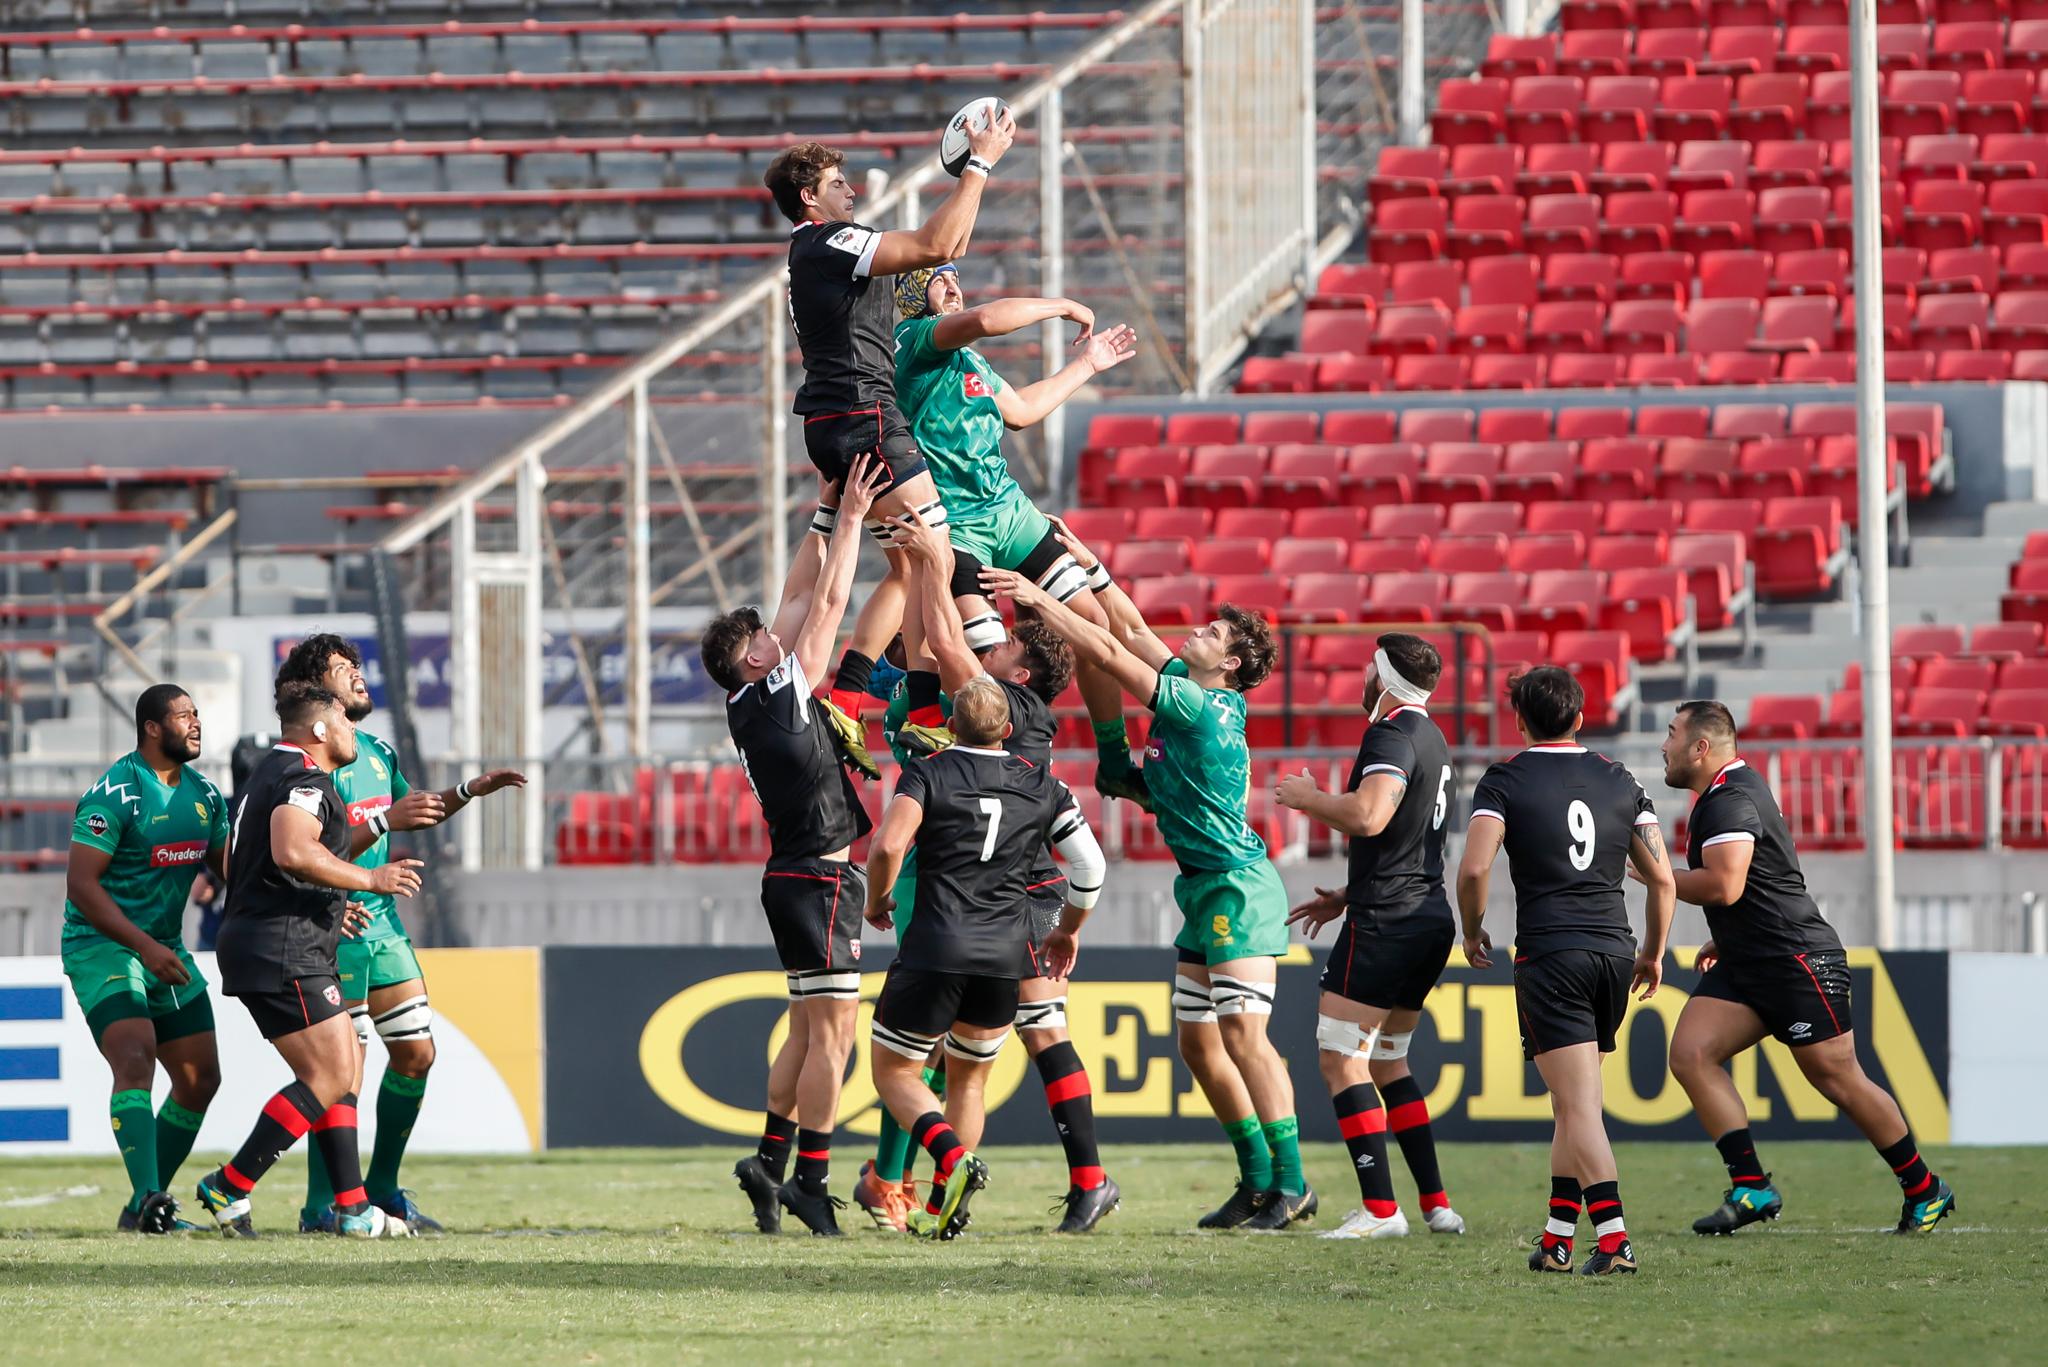 El XV de la Fecha 5 de la Superliga Americana de Rugby